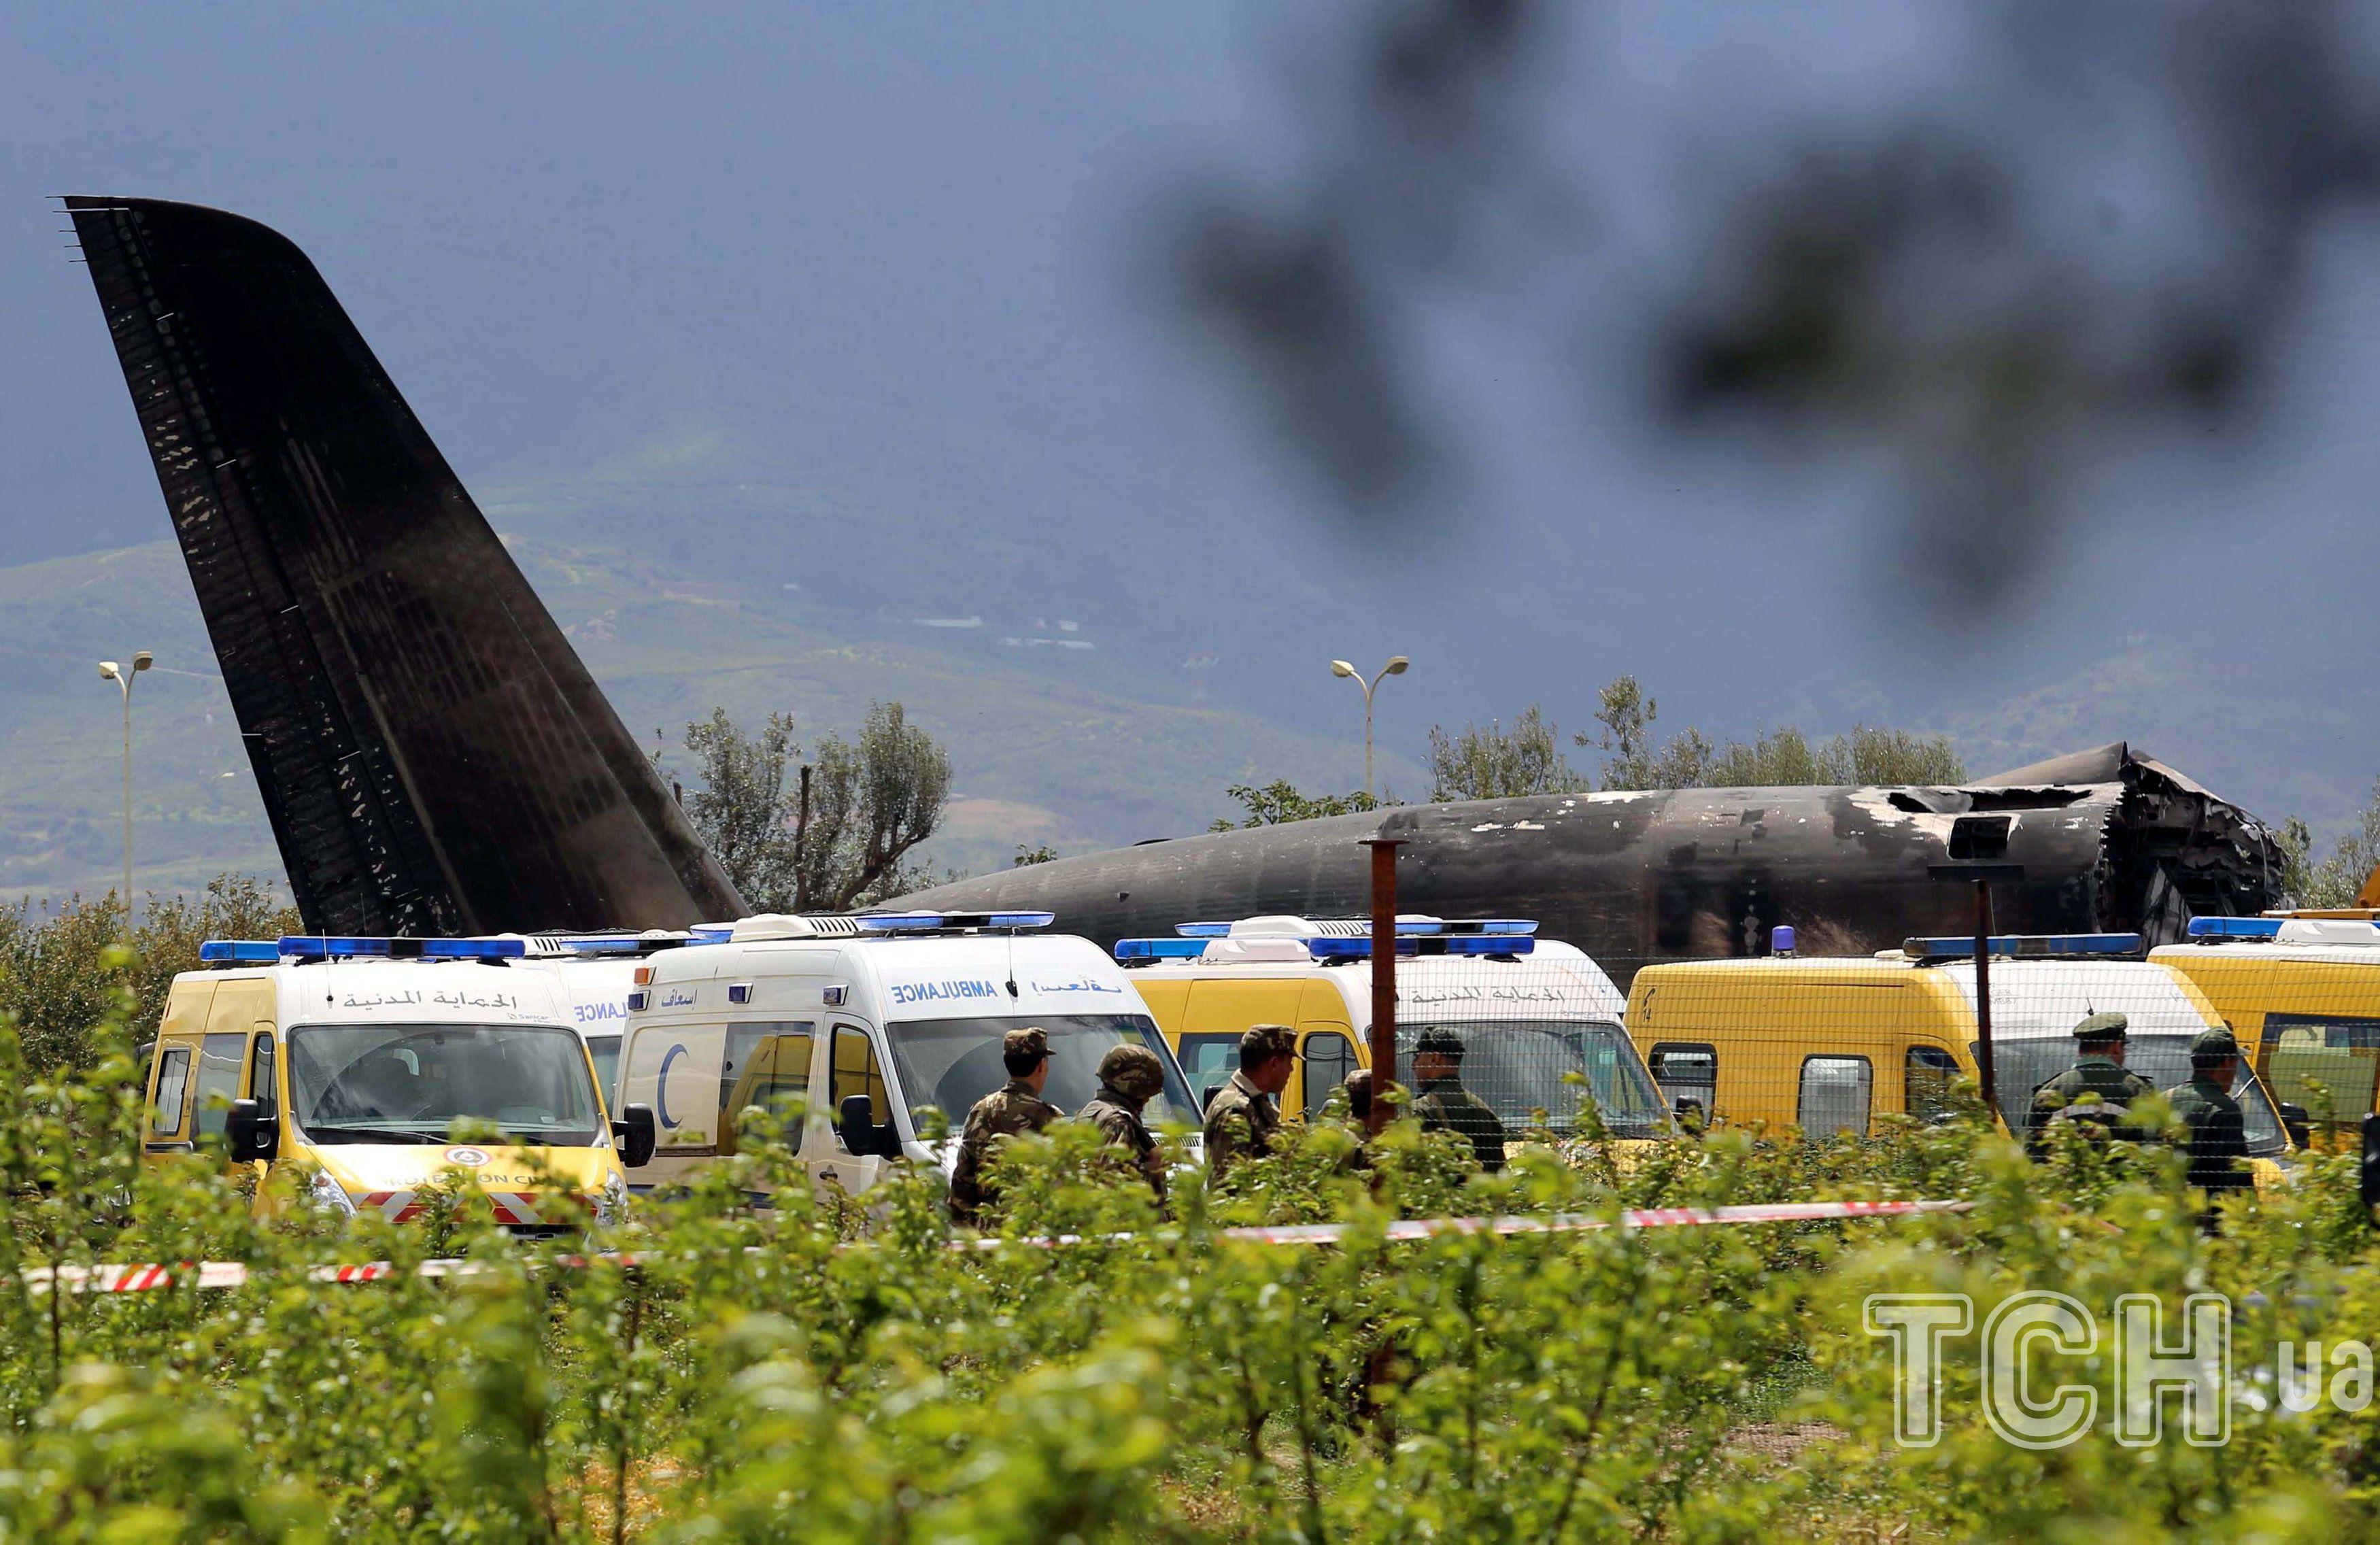 Літак ІЛ-76, Алжир, авіакатастрофа